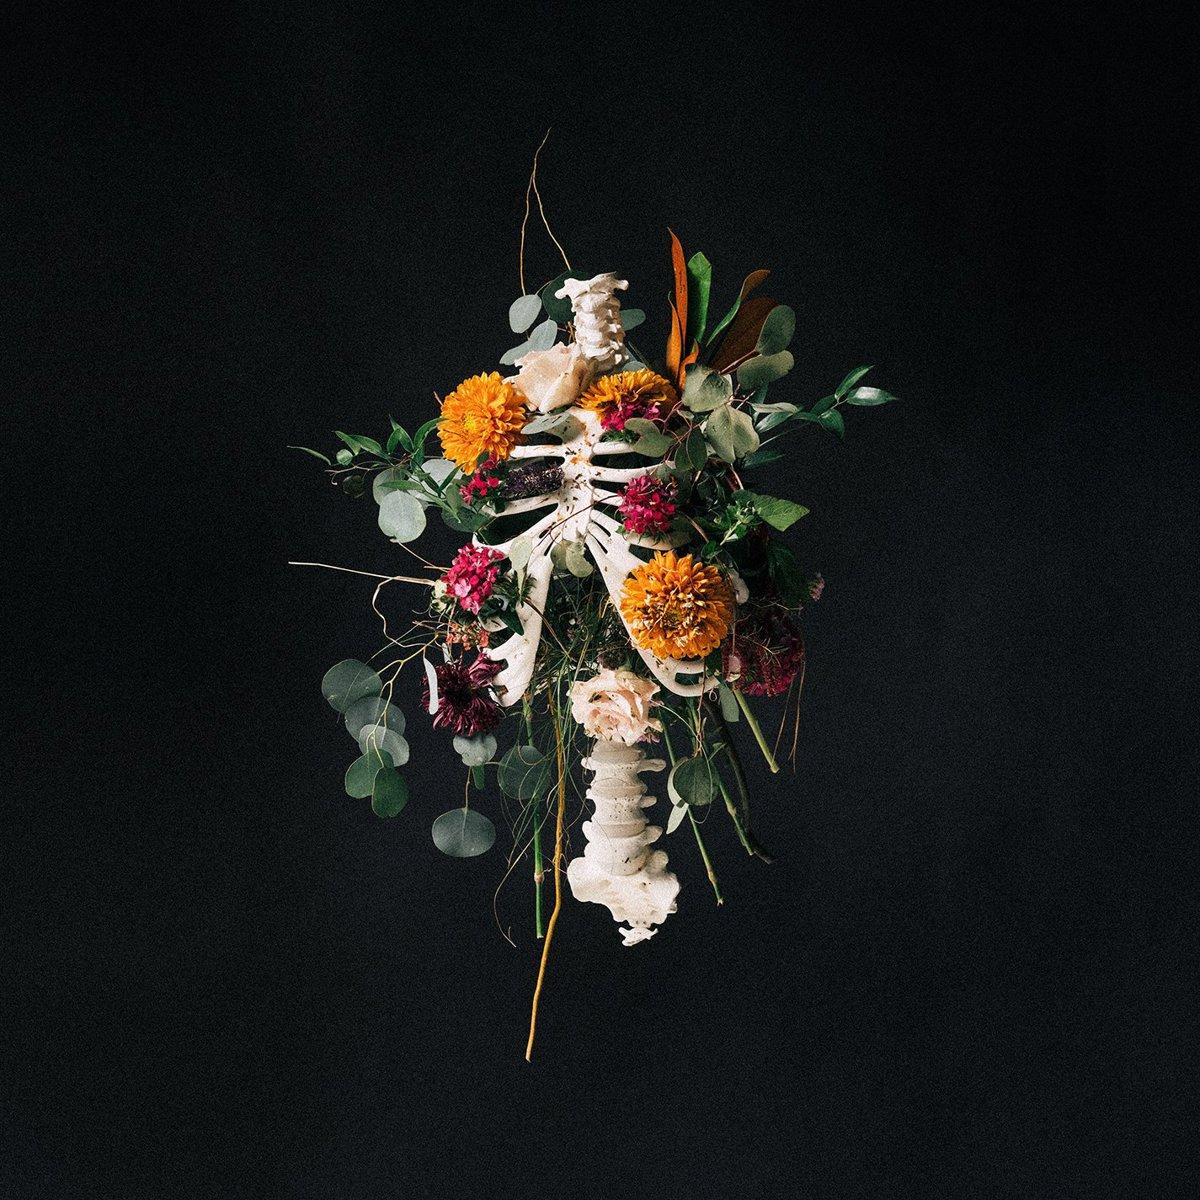 Generic image for missing album art